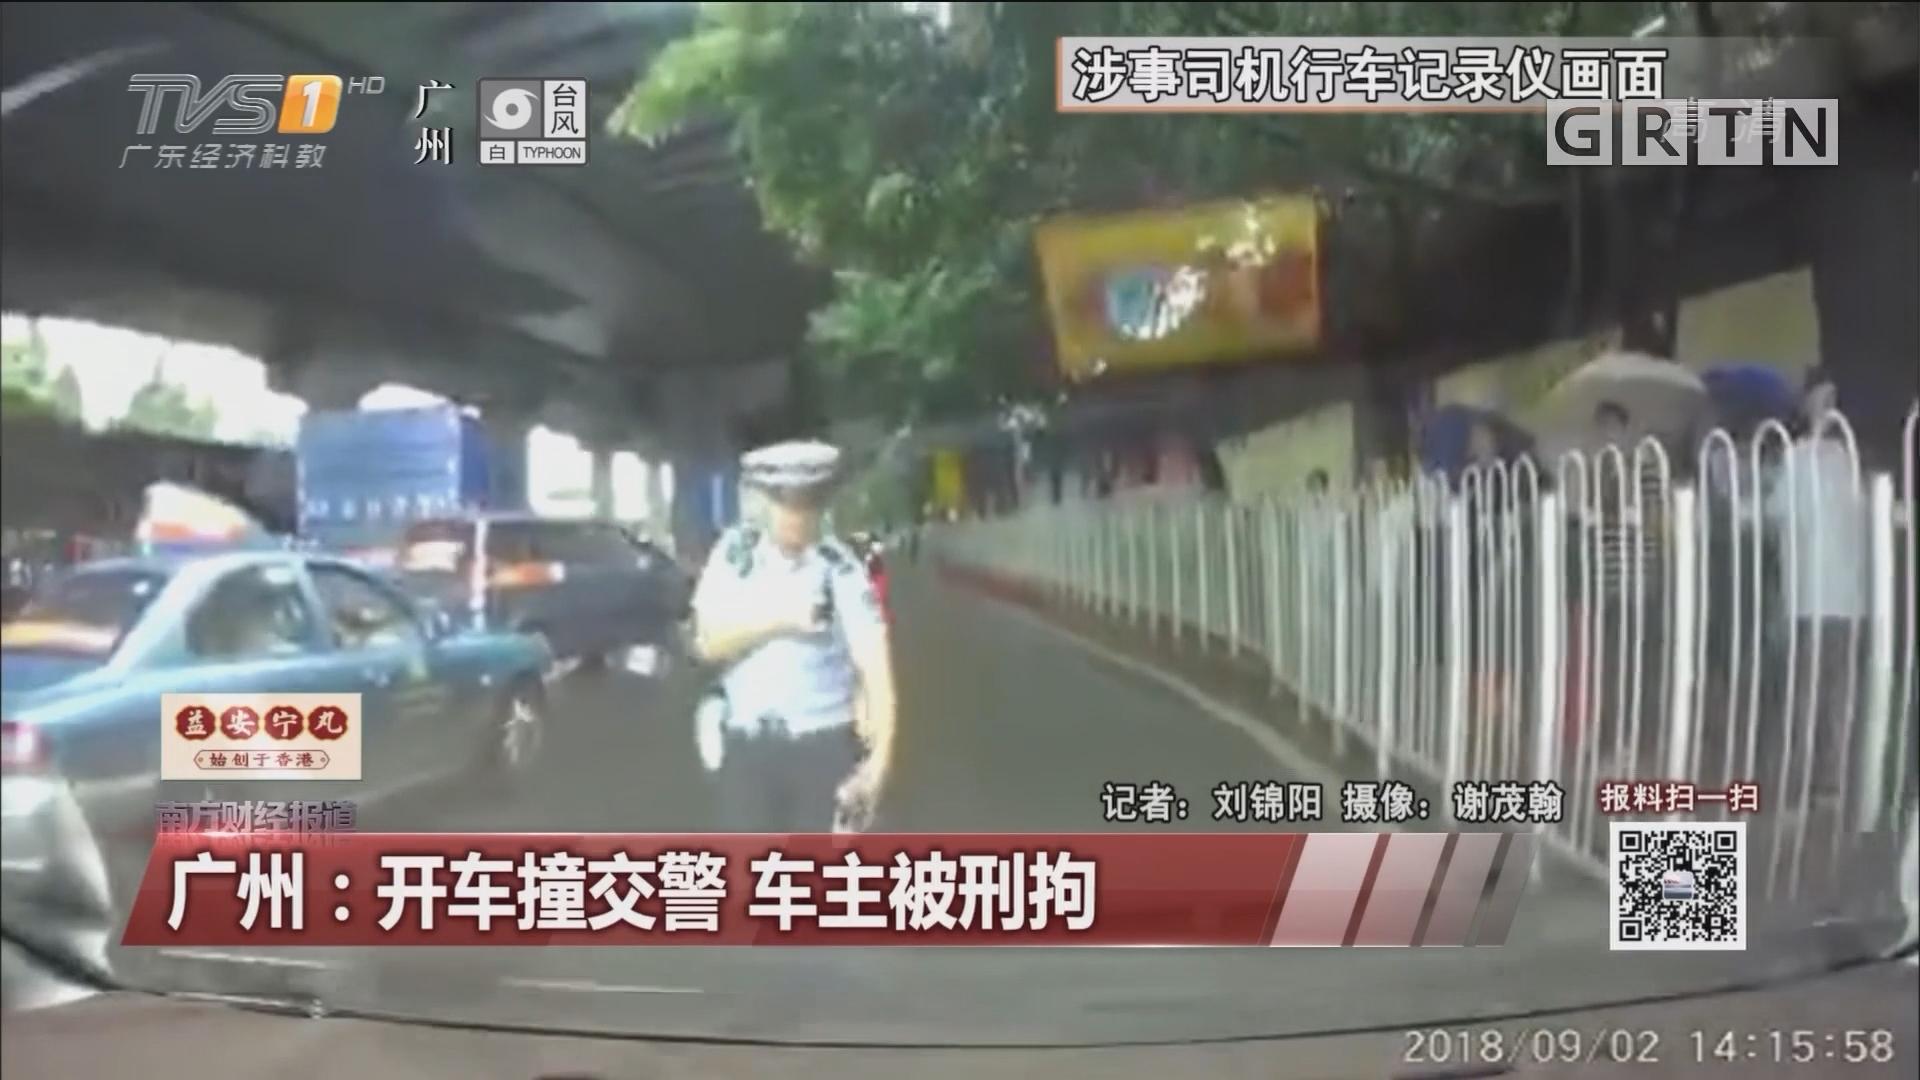 广州:开车撞交警 车主被刑拘